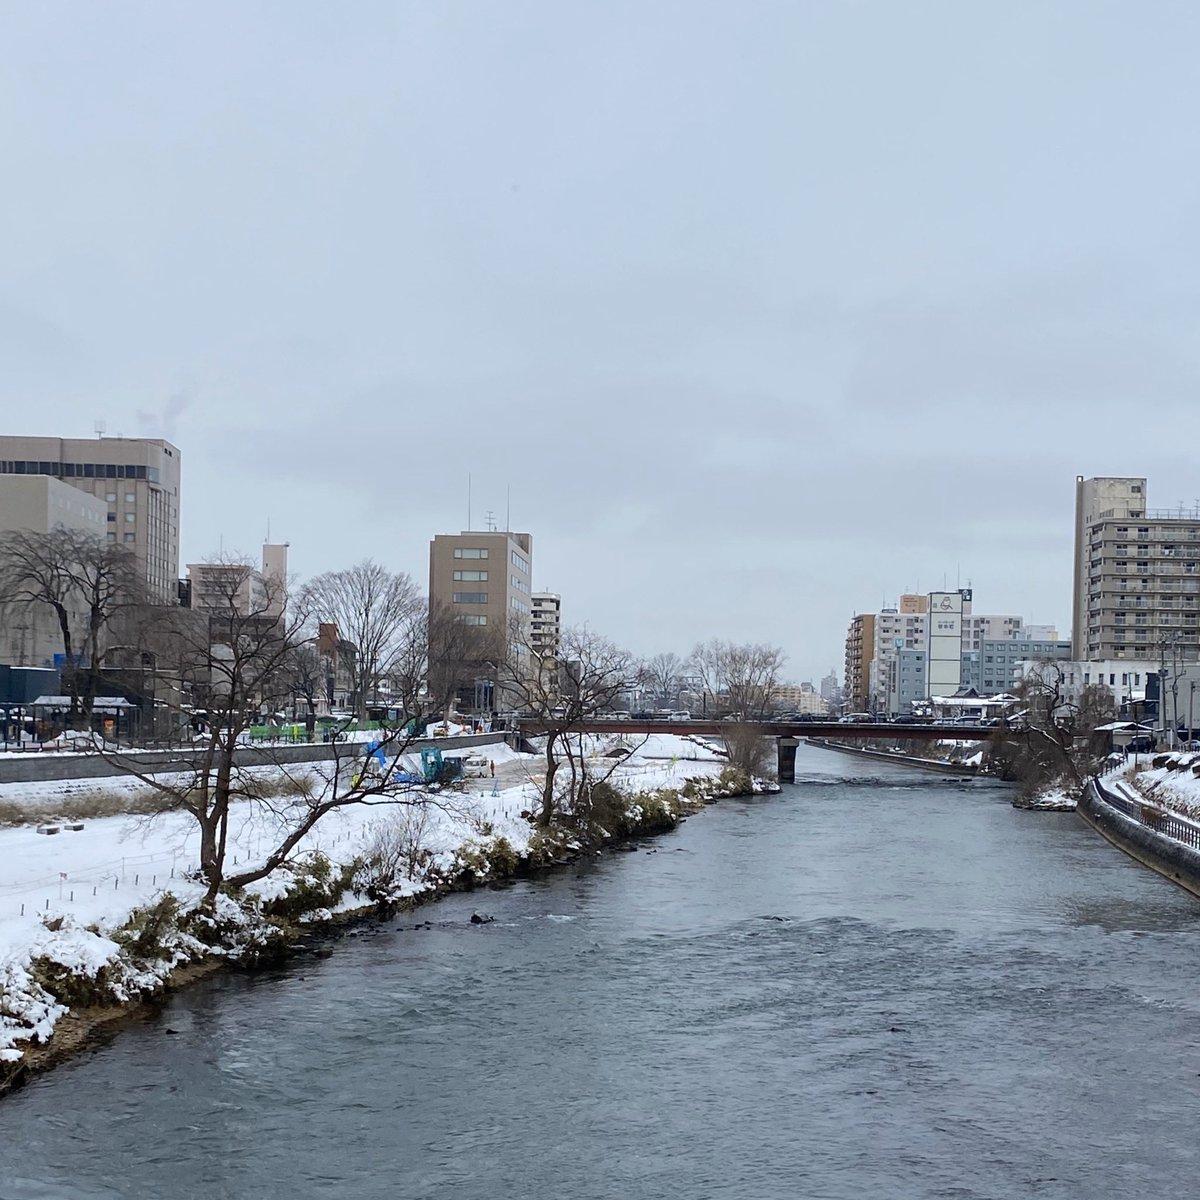 2020/02/07 盛岡市の開運橋から撮影。みなさま、体調管理に気をつけてお過ごしください。 #岩手 #盛岡 #北上川 #岩手においでよ